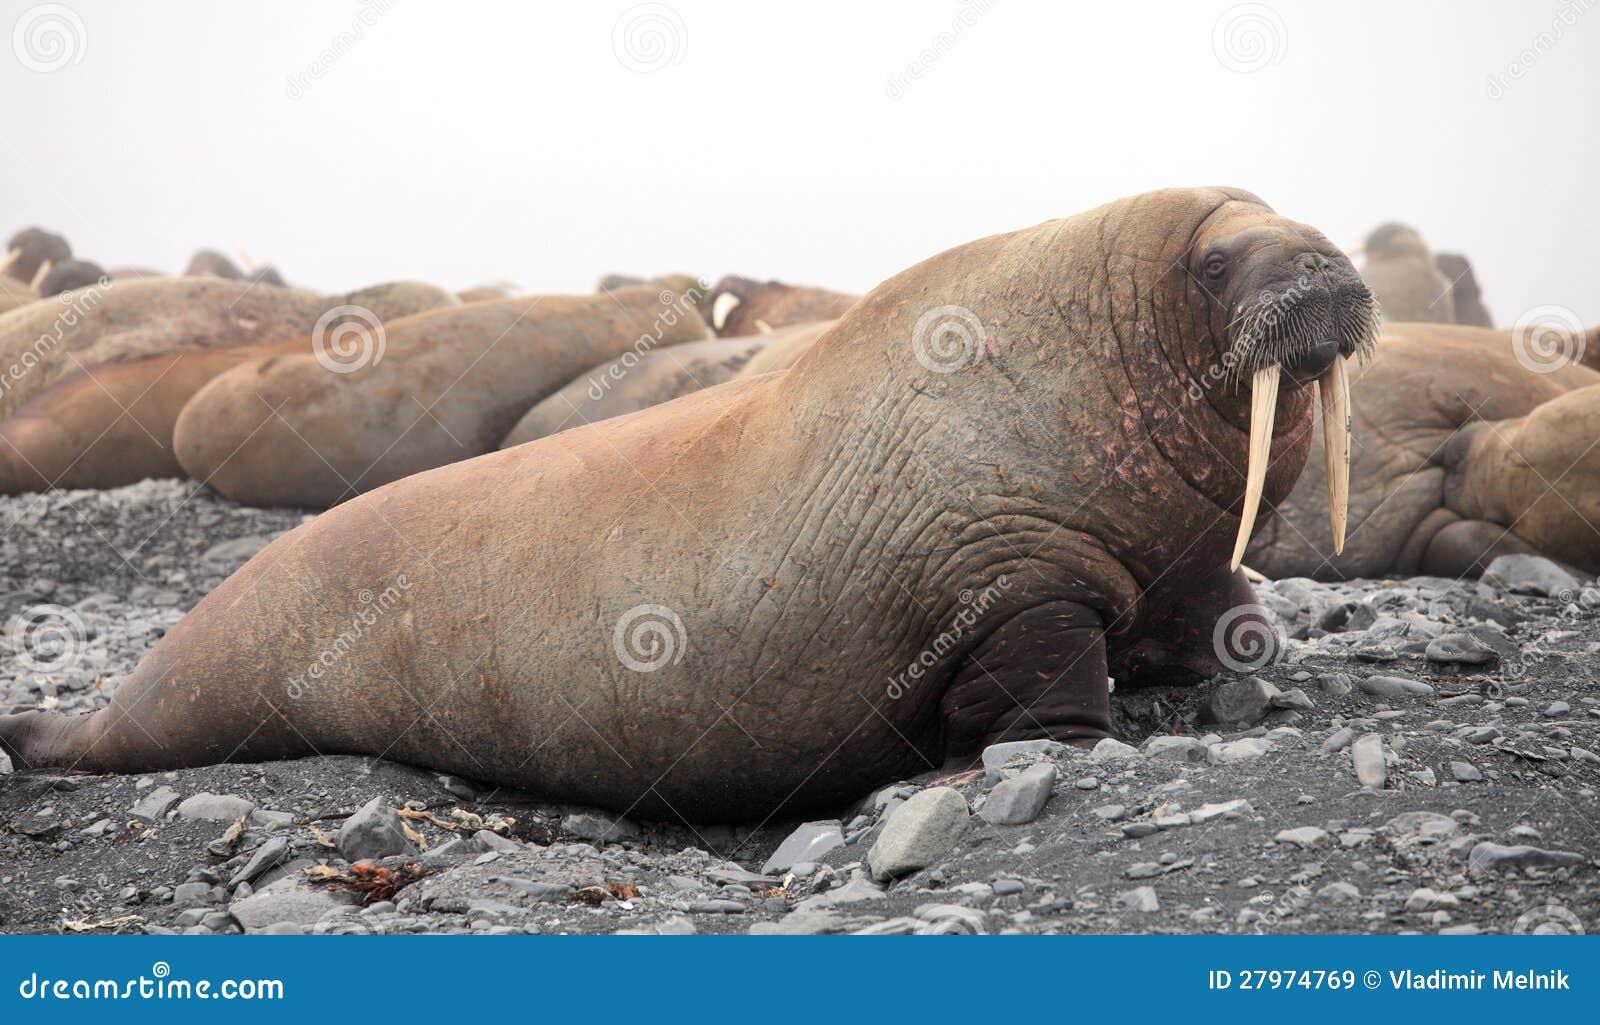 Rookery Walrus